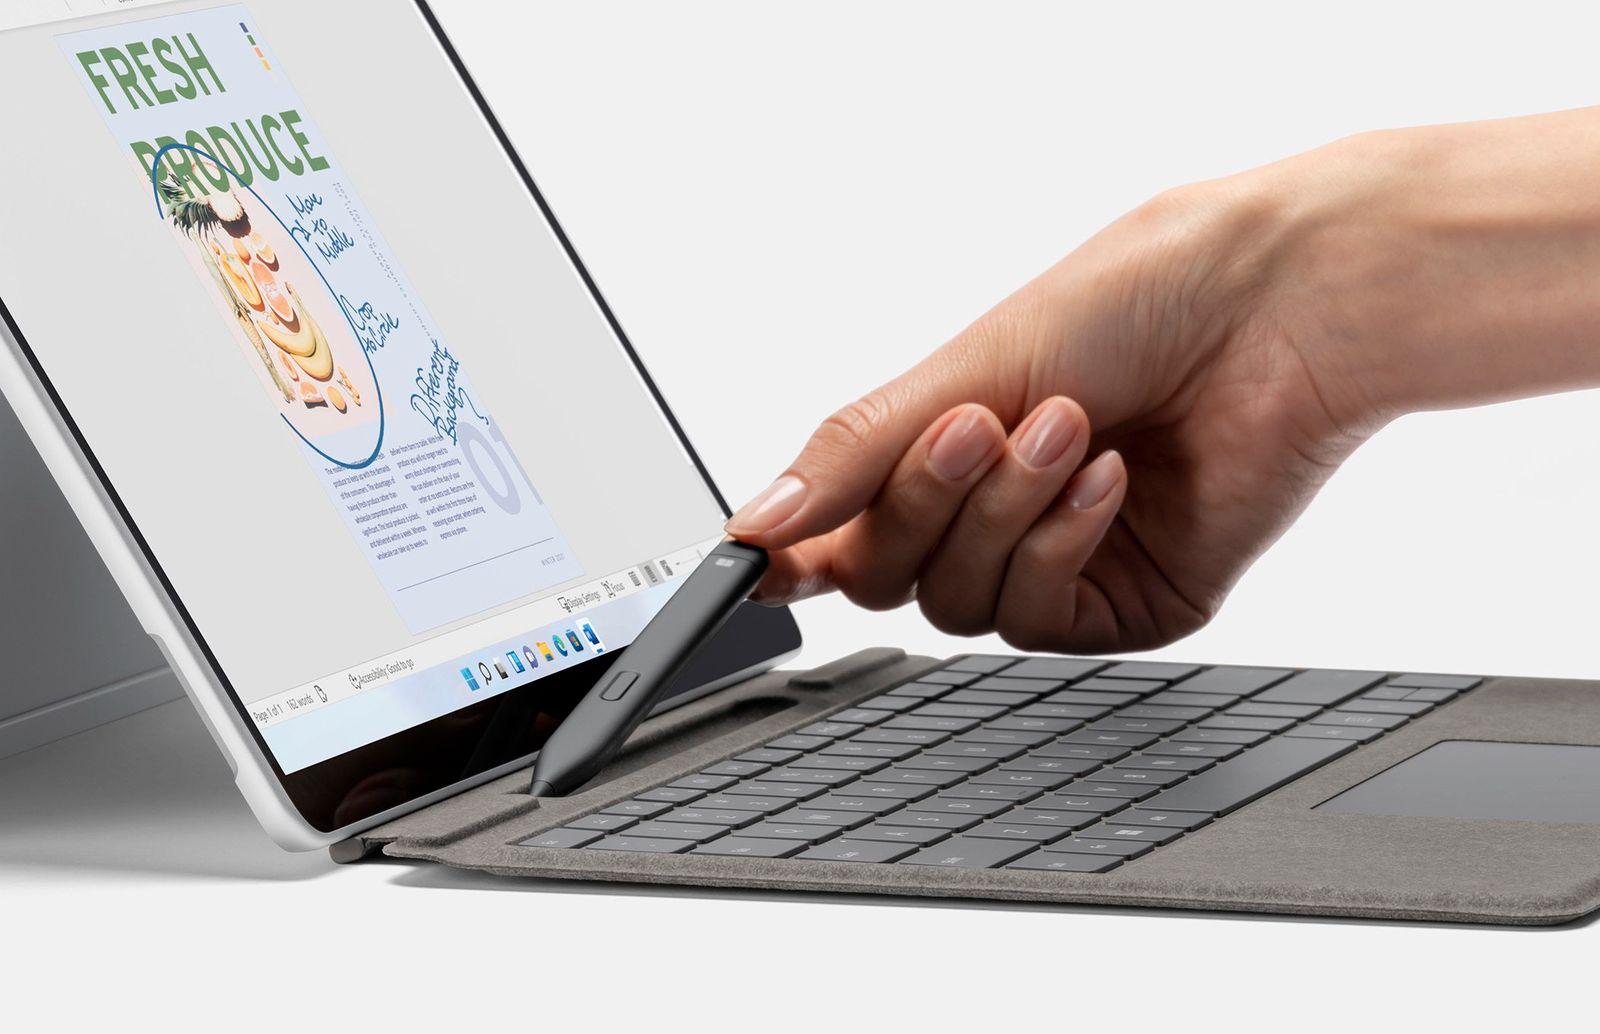 Surface-Pro-8-Slim-Pen-2-1